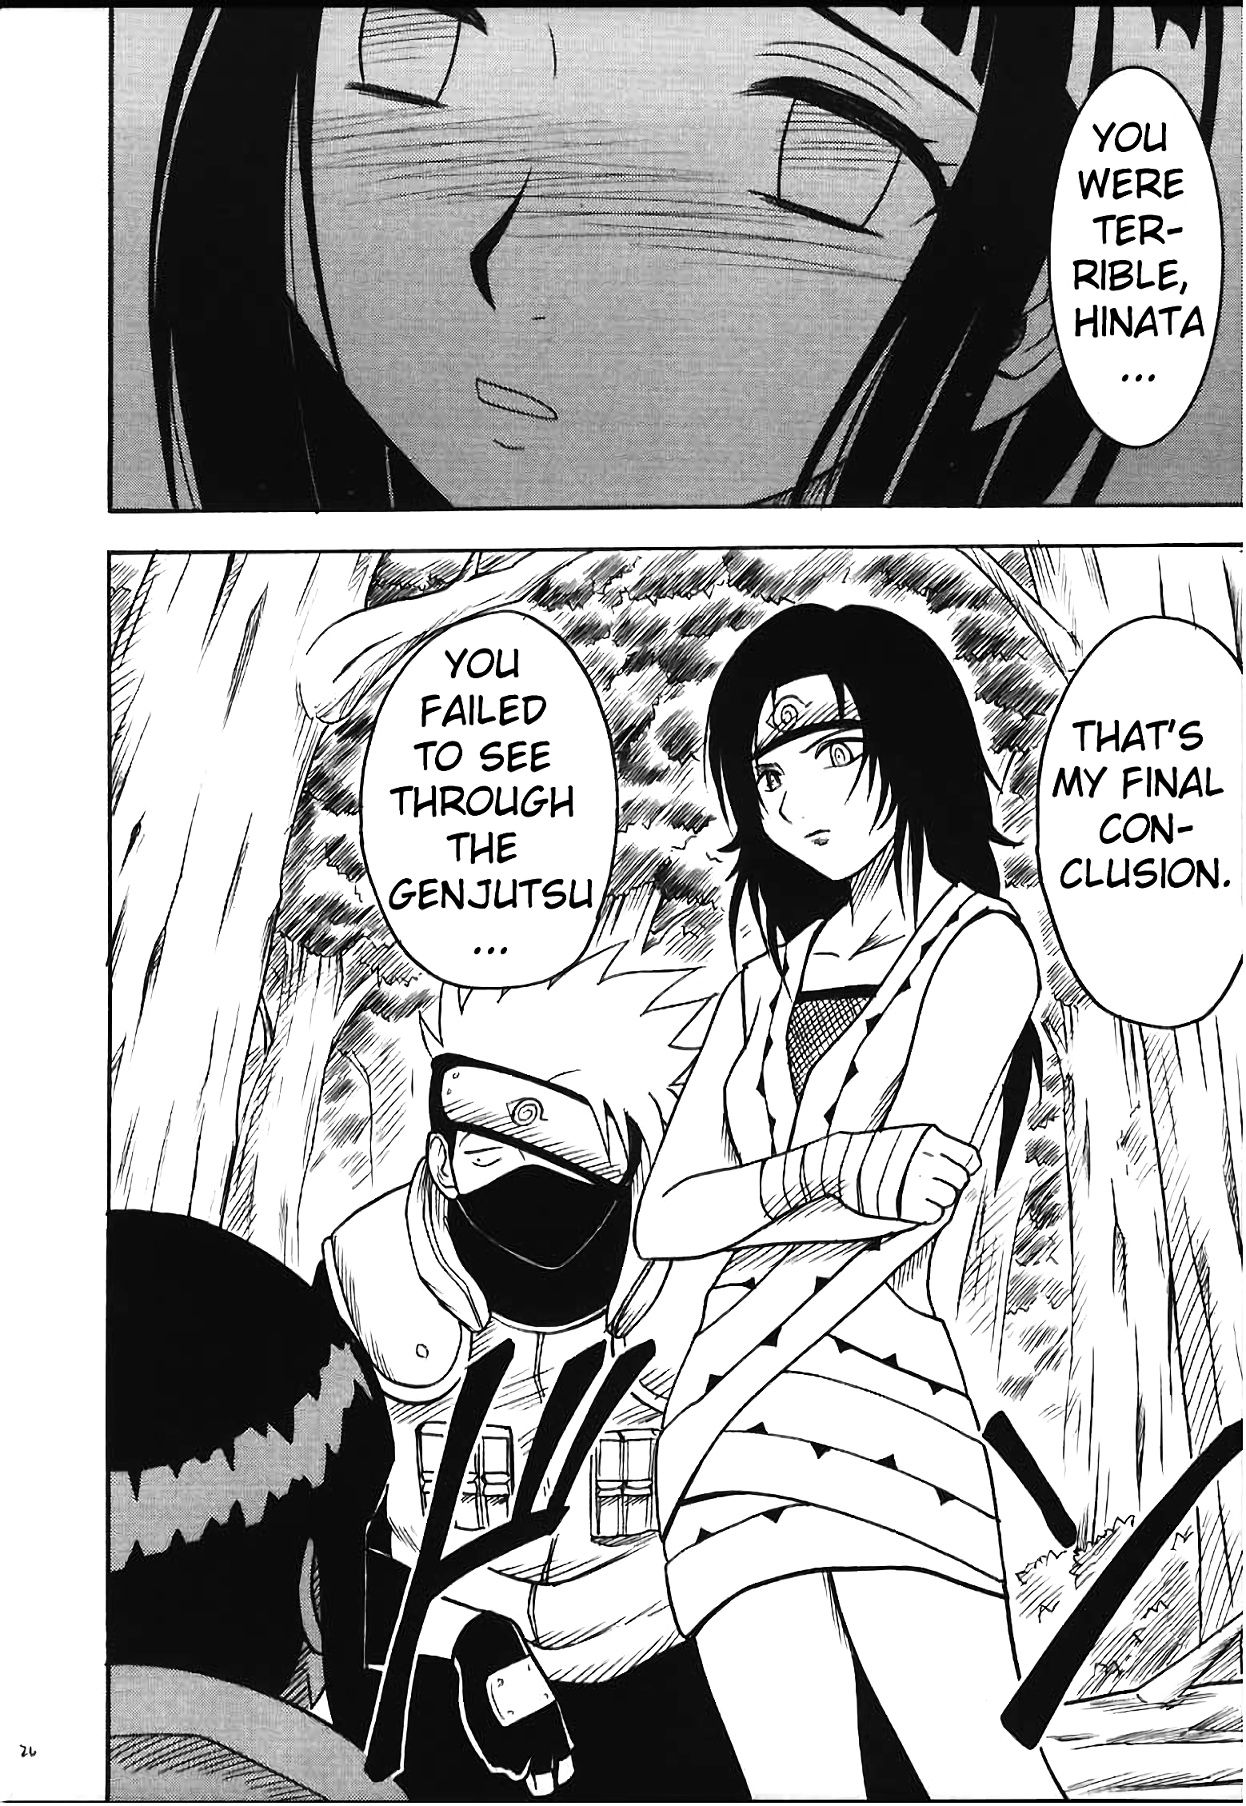 Hinata hentai manga picture 24